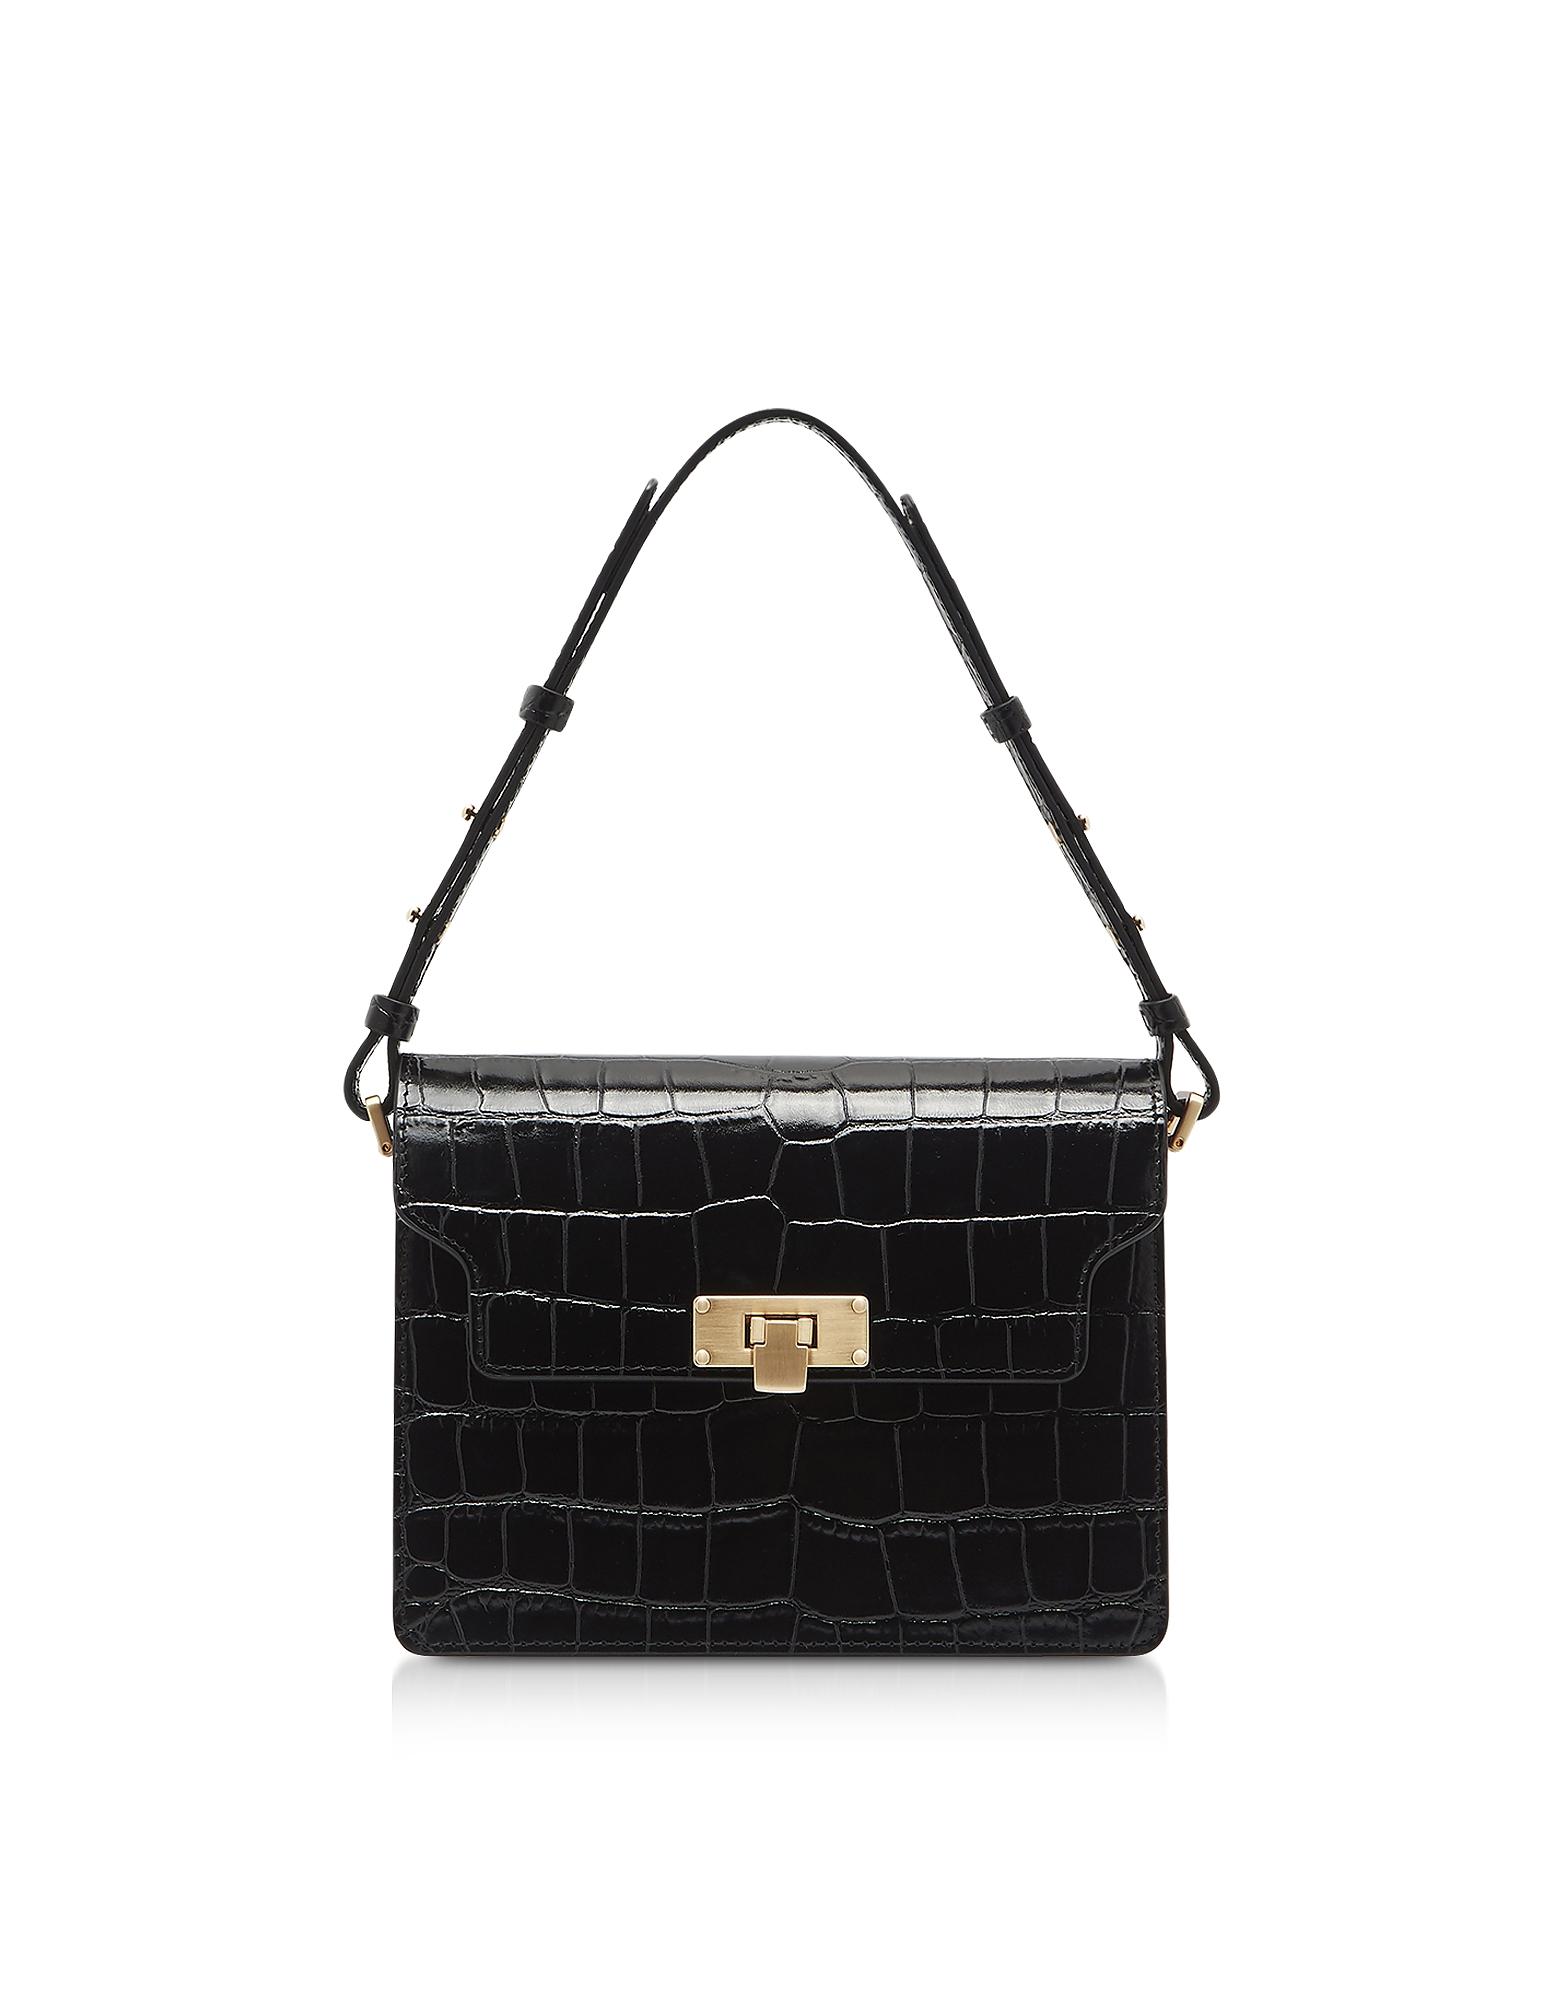 Marge Sherwood Designer Handbags, Black Croco Embossed Leather Vintage Brick Shoulder Bag